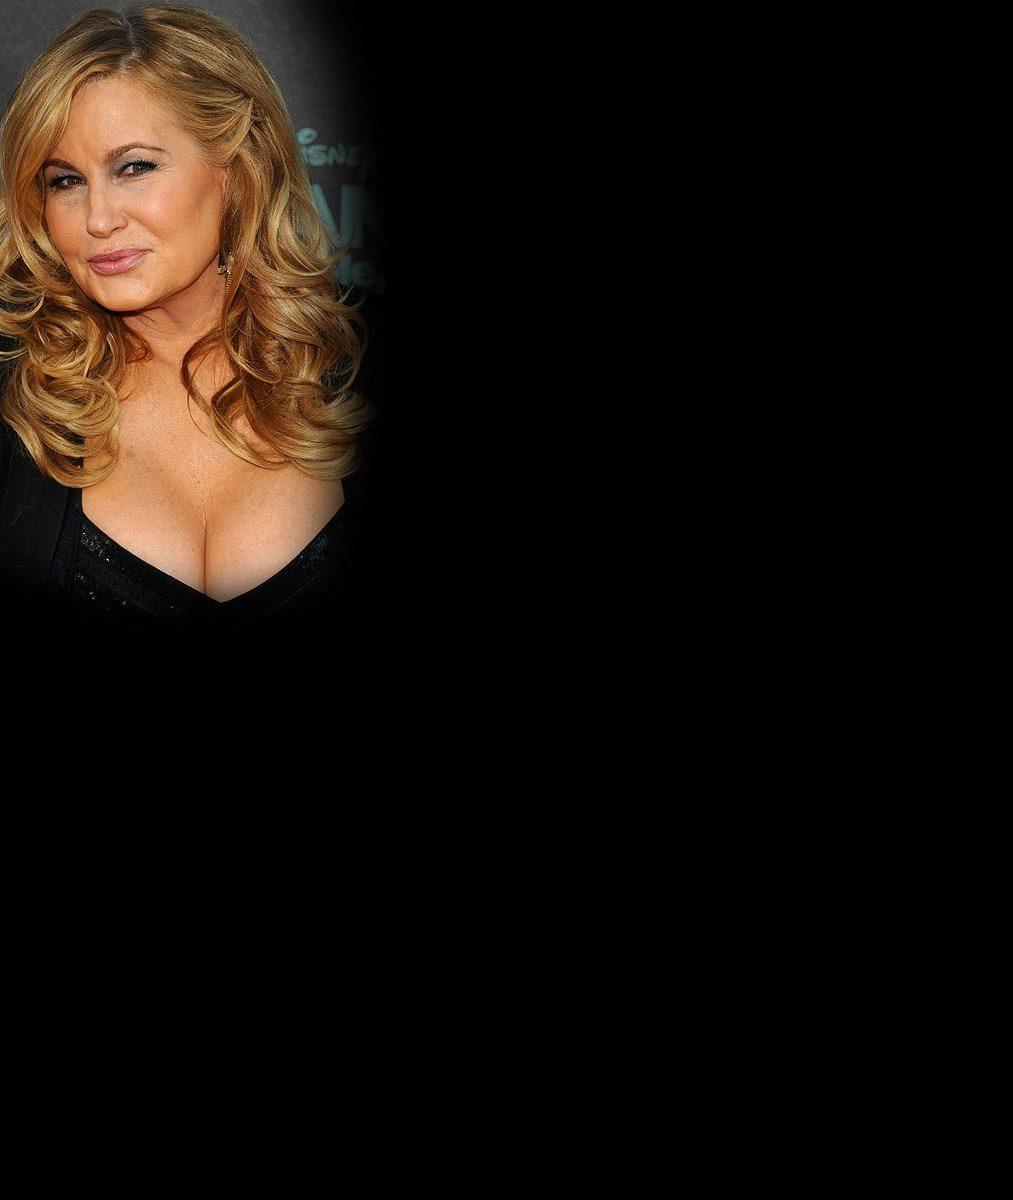 Vzpomínáte na žhavou Stiflerovu mámu zPrciček? Její obří vnady jsou stále vplné pohotovosti